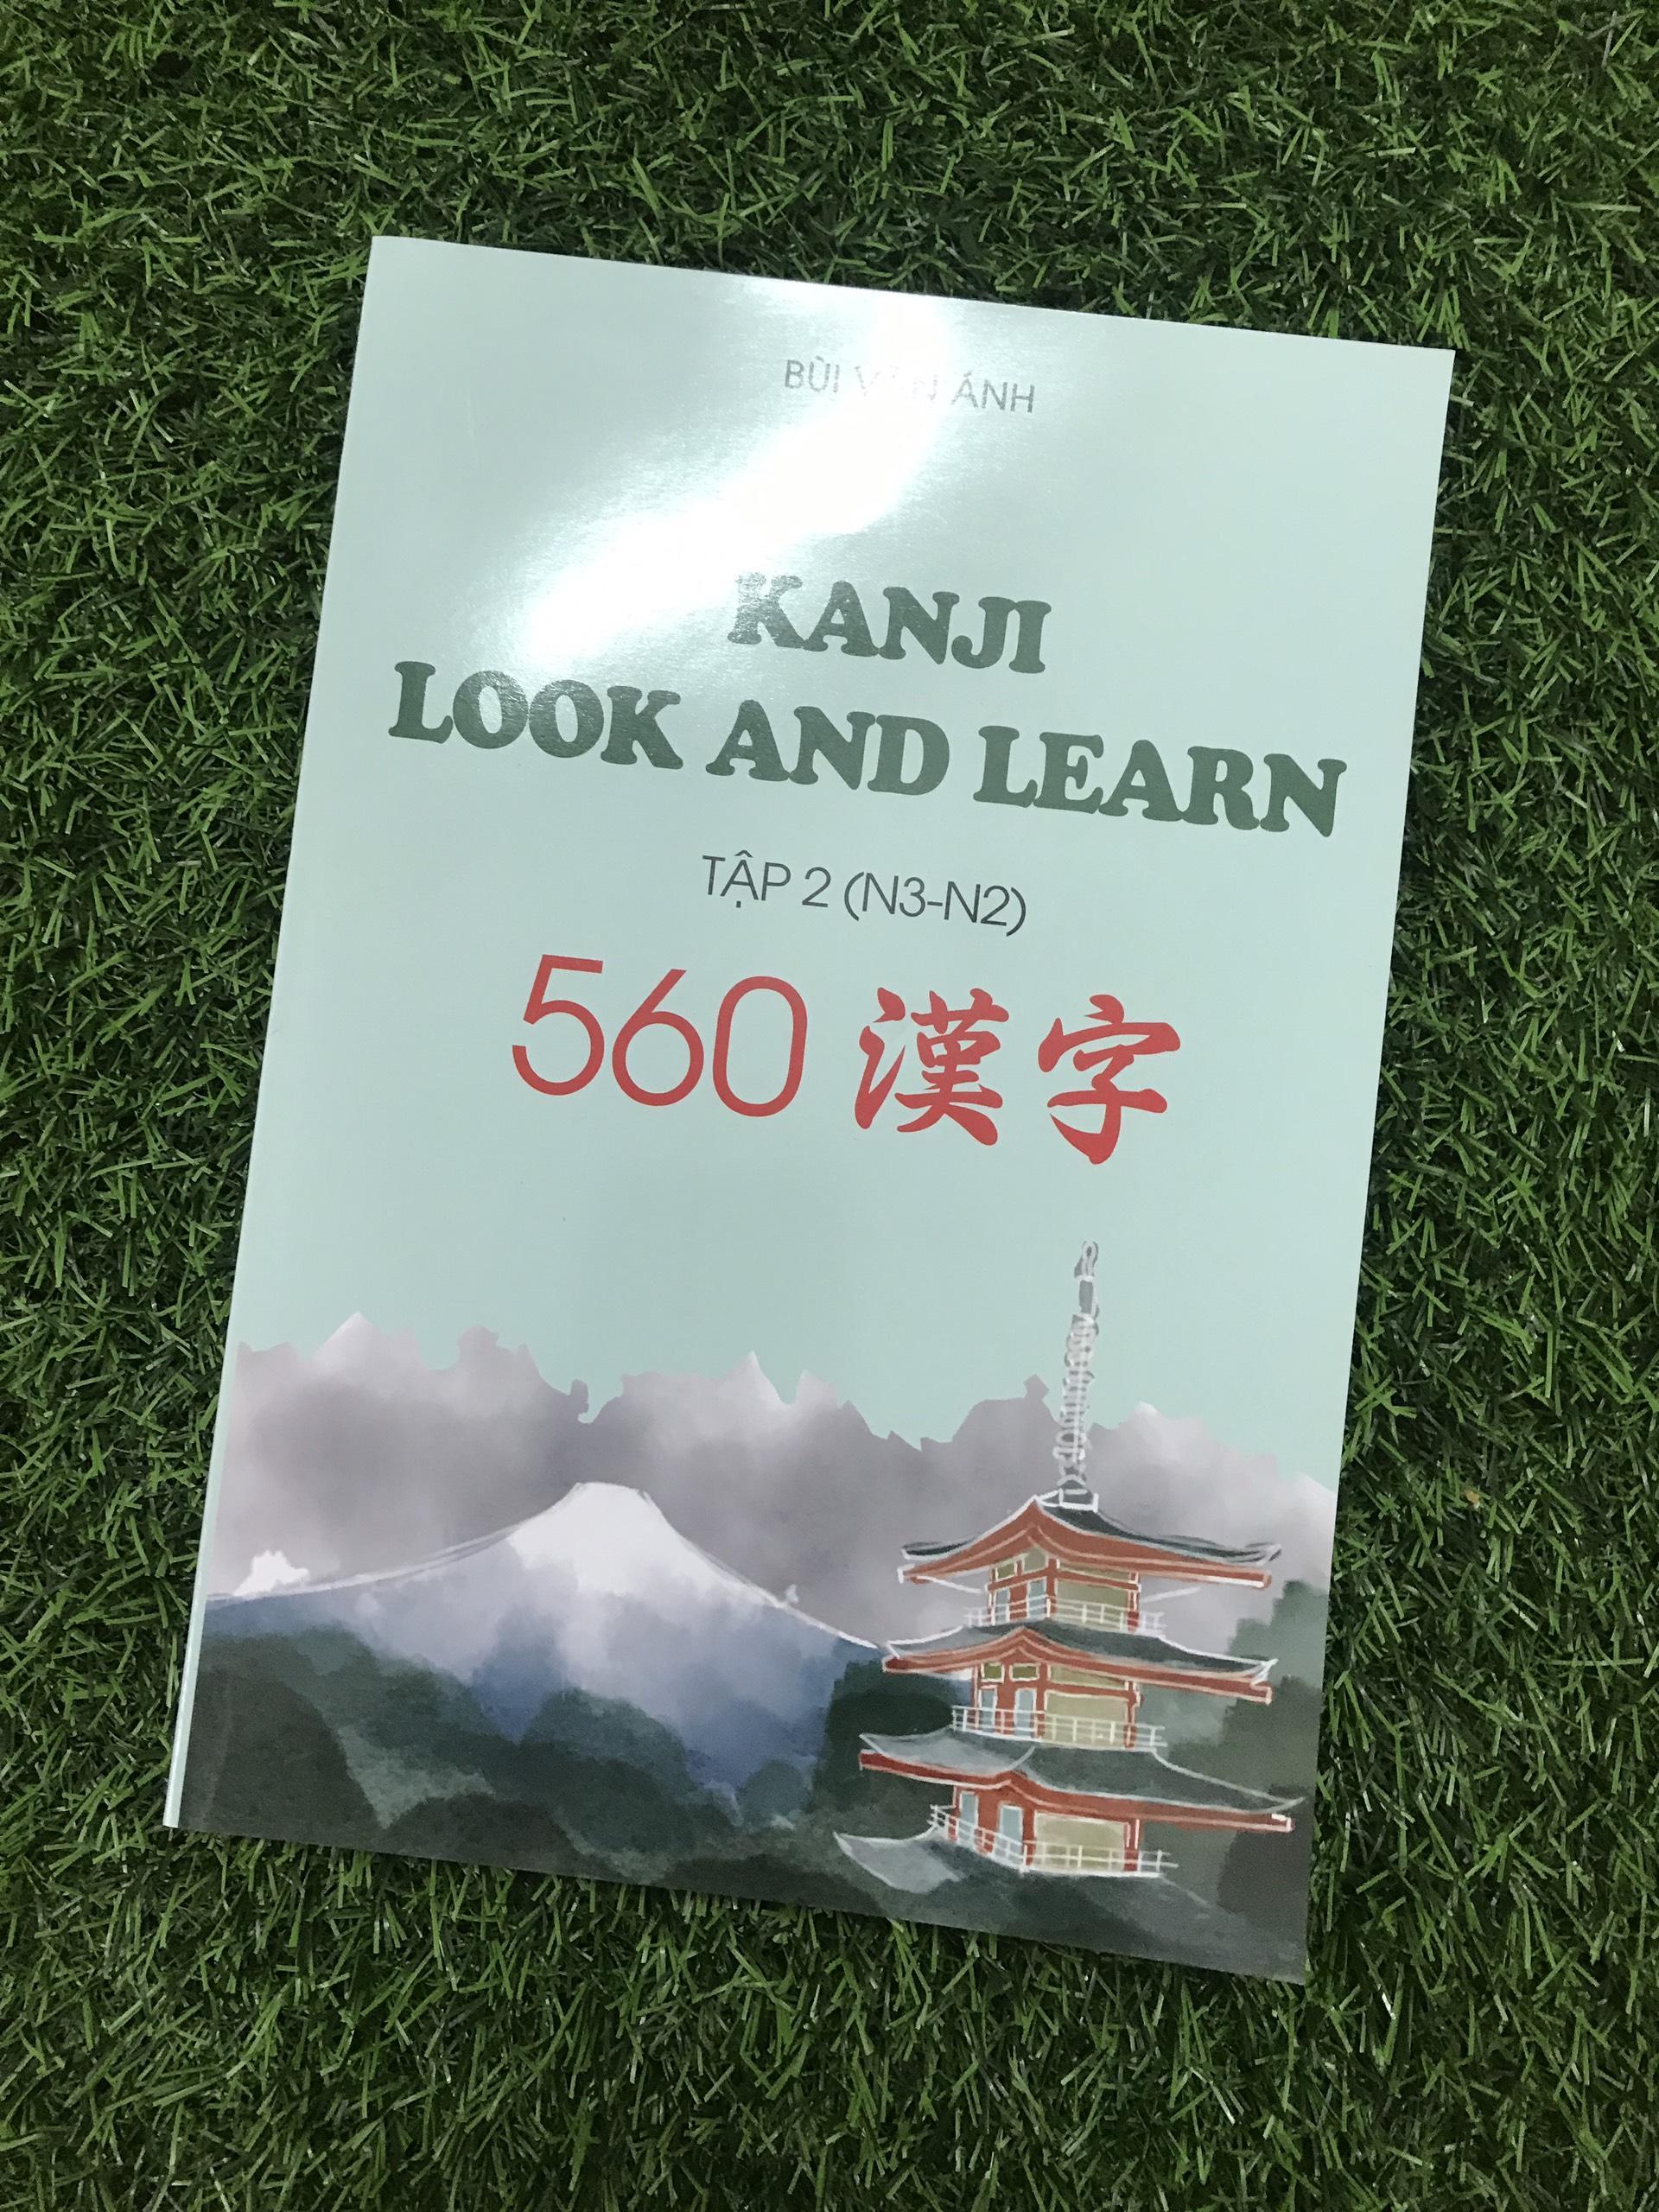 Giá Tiết Kiệm Để Sở Hữu Ngay Kanji Look And Learn Tập 2 ( N3 - N2 ) - Sách Học